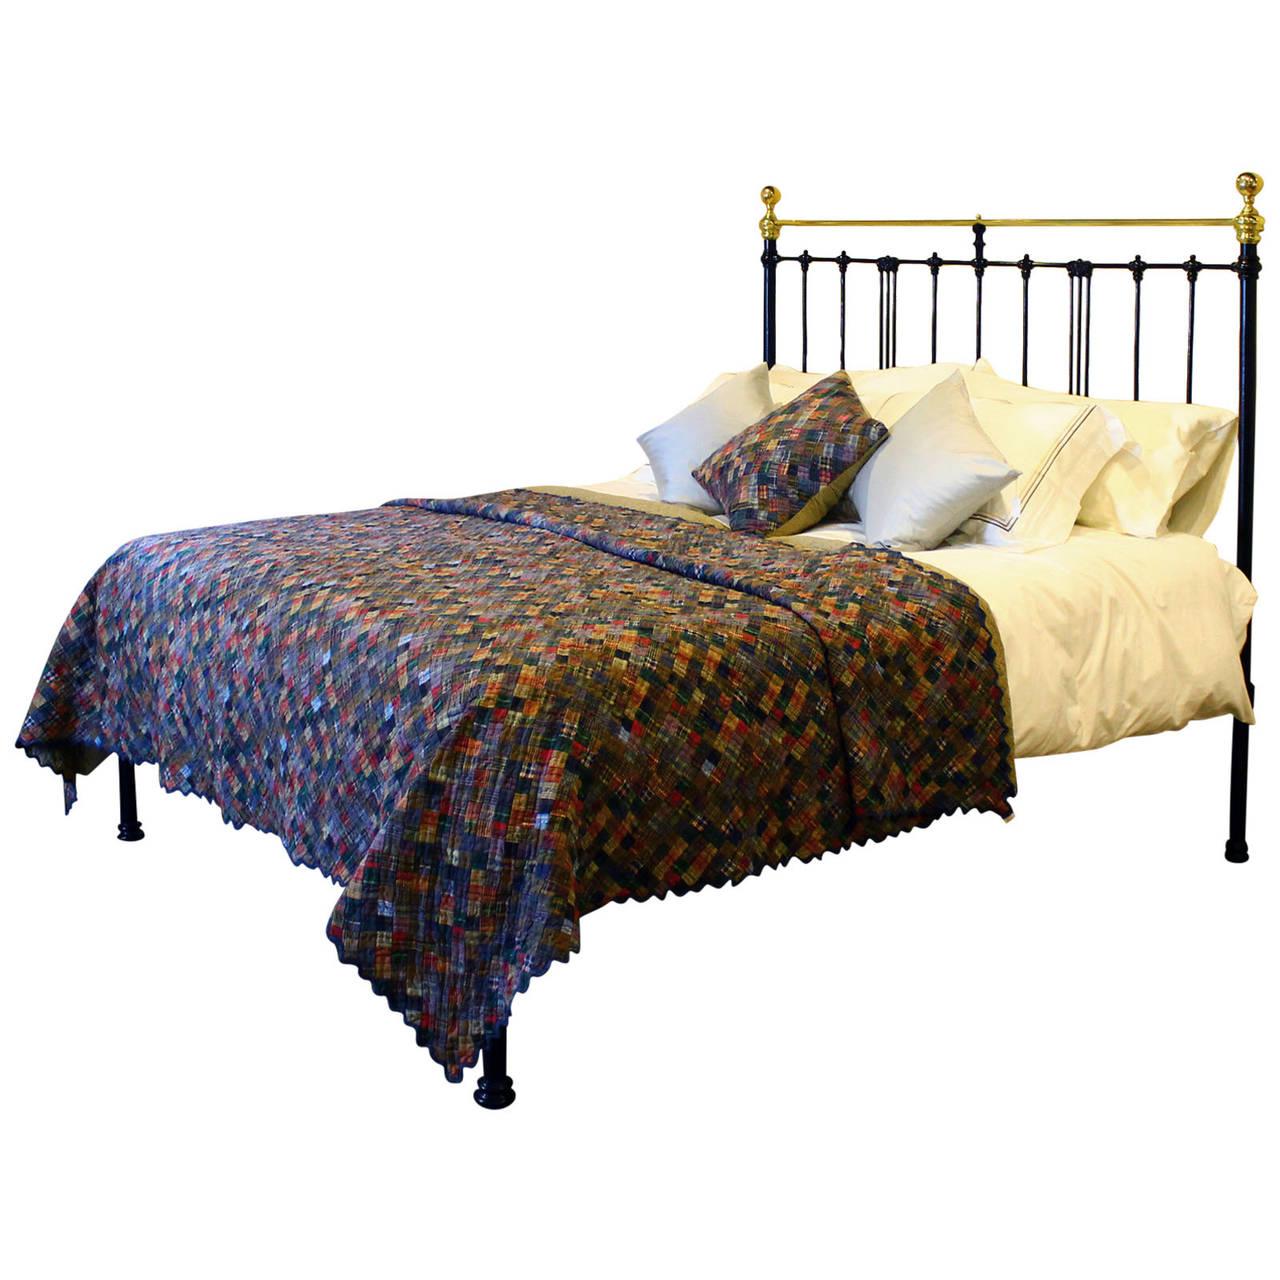 6ft Wide Platform Bed